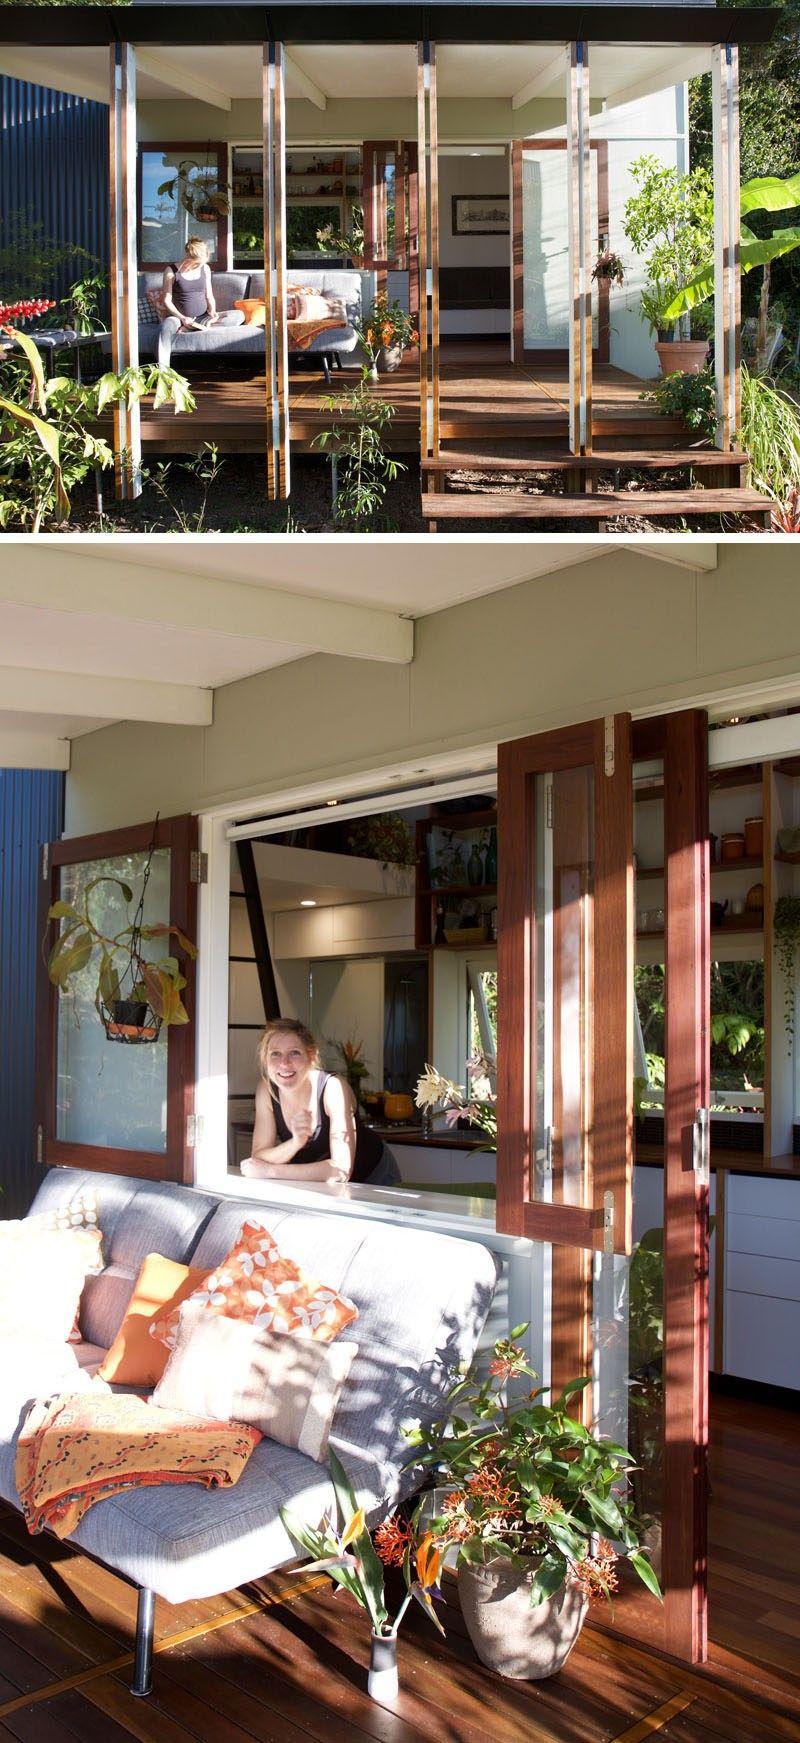 Dieses benutzerdefinierte gestaltete kleine Haus hat eine kleine ...